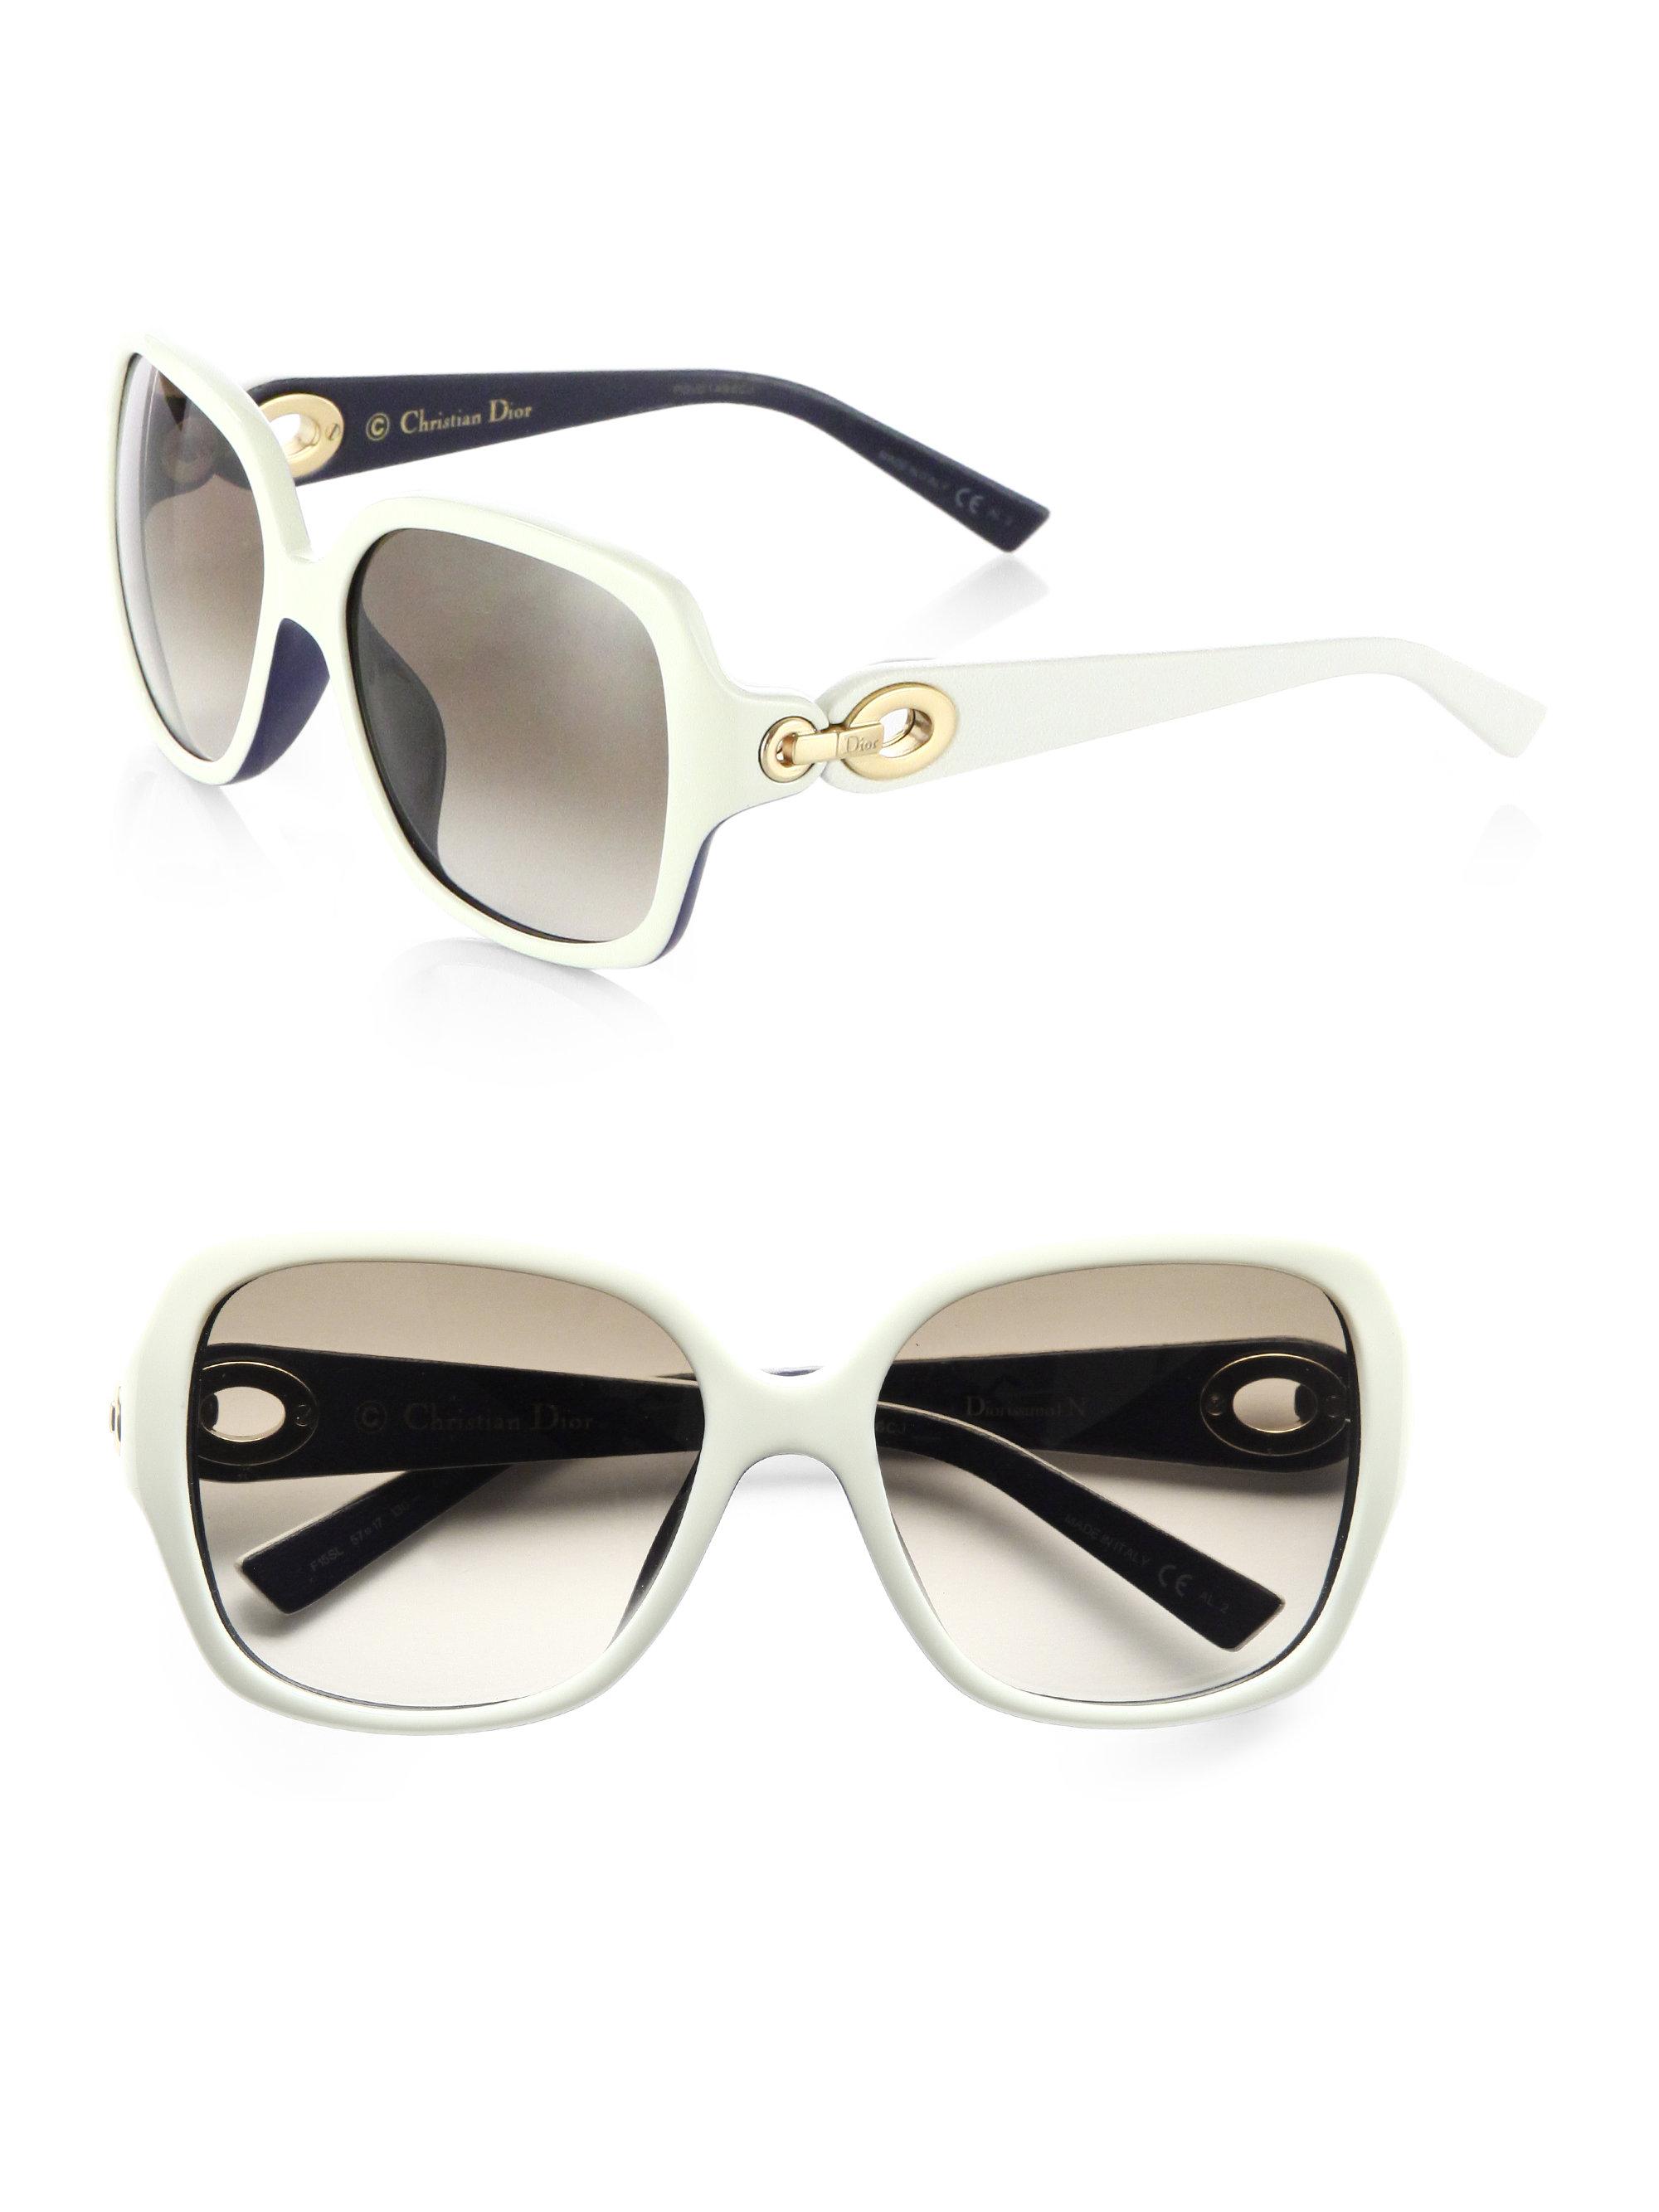 233bbf60a8851 ... dior sunglasses